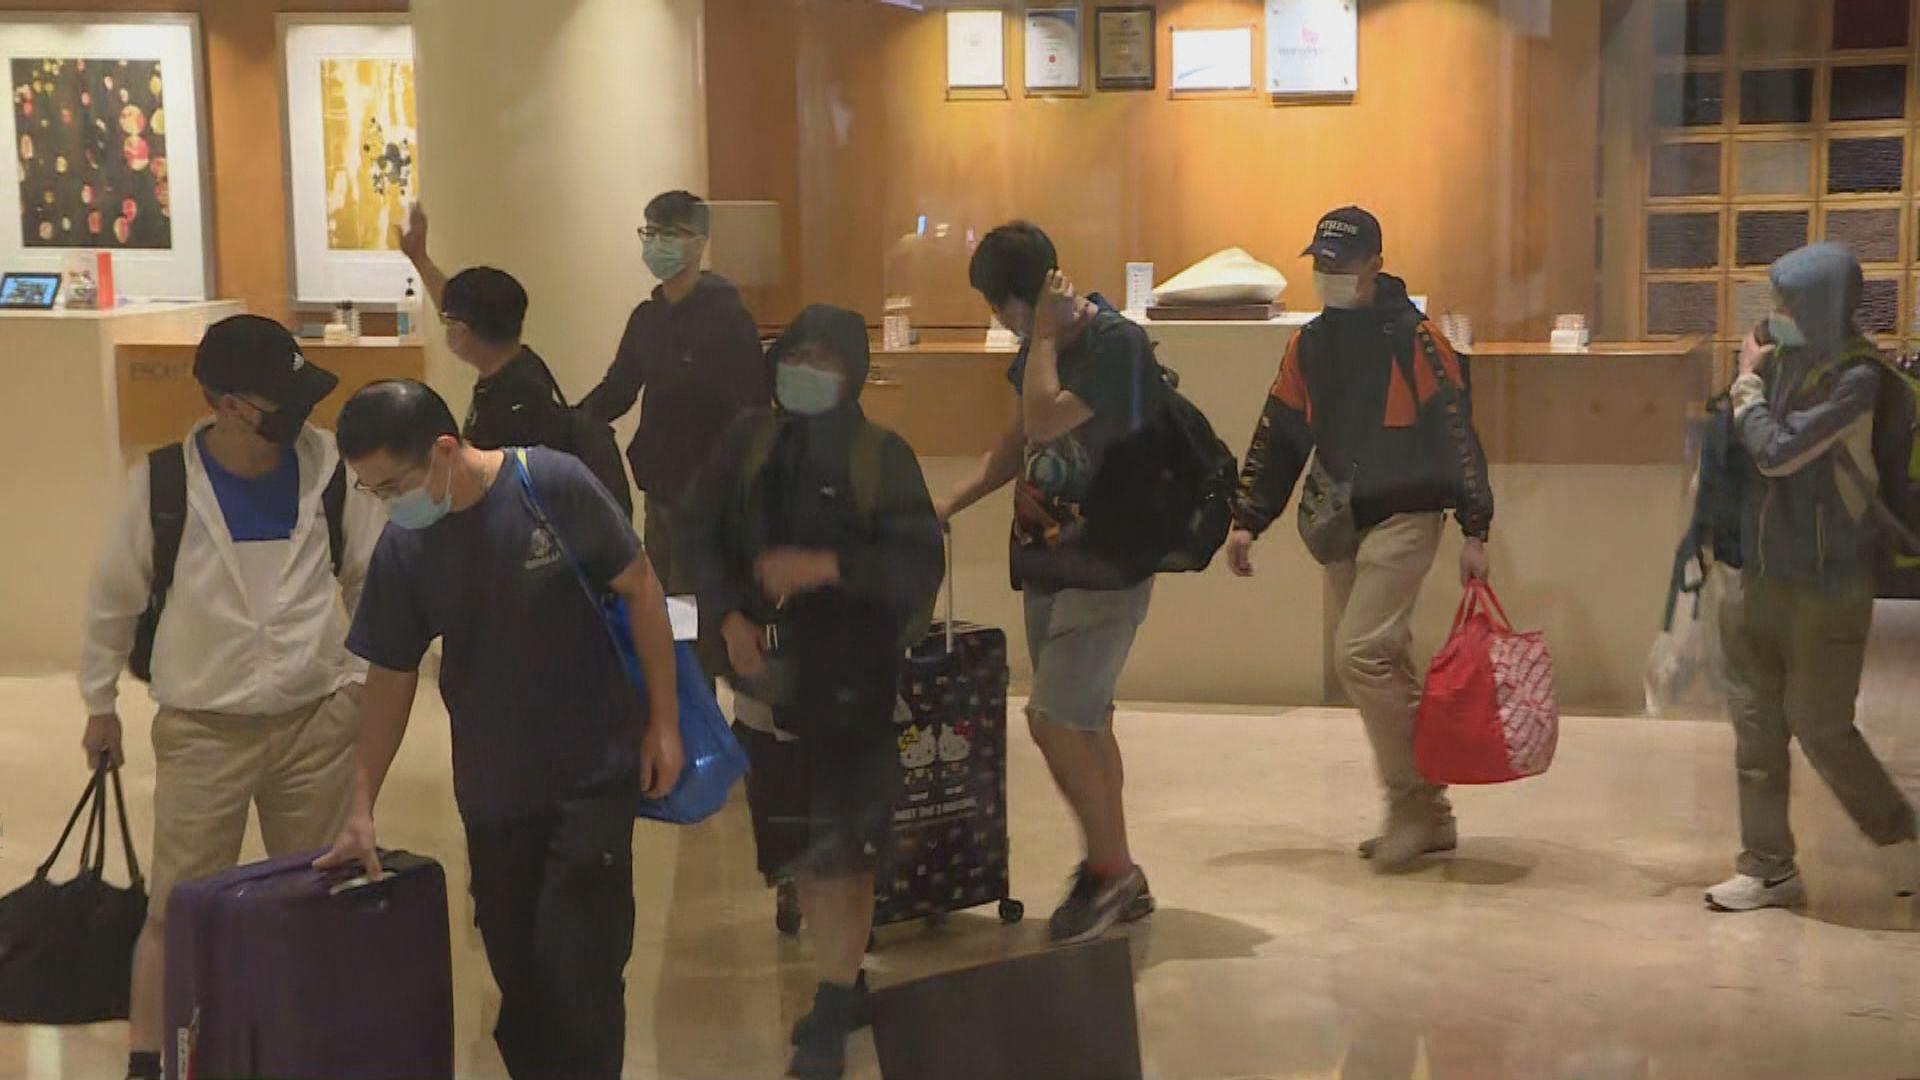 帝苑酒店房客撤離 約三百名男員工須隔離檢疫